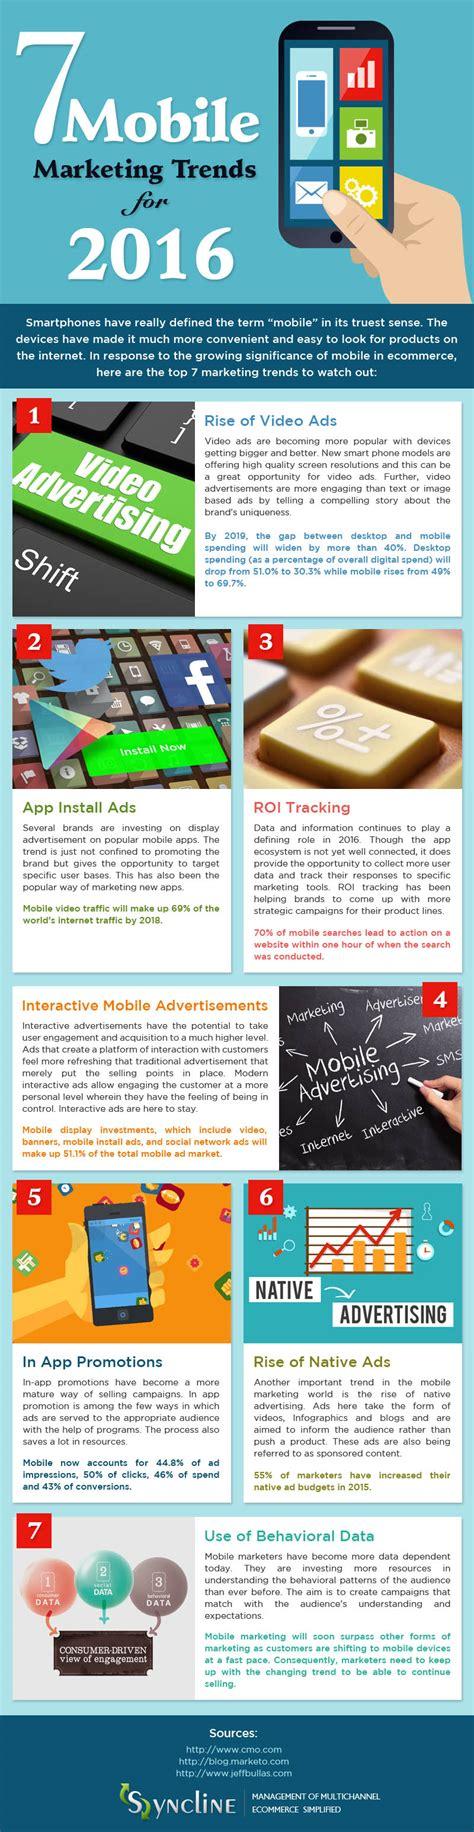 mobile marketing trends mobile marketing trends for 2016 9411 mytechlogy